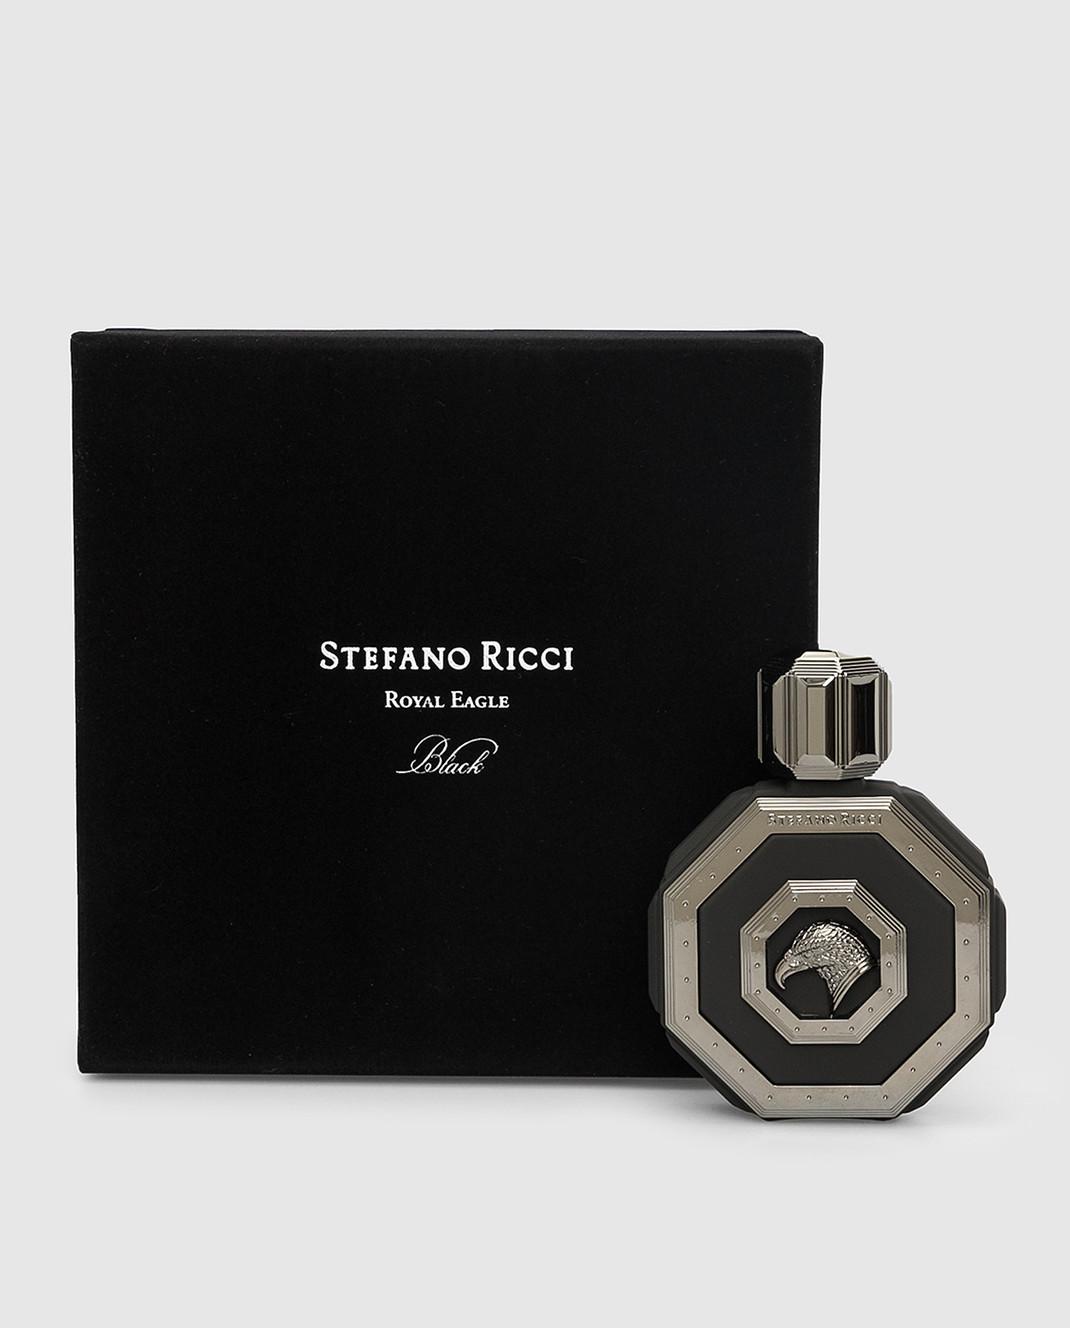 Stefano Ricci Парфюмированная вода Royal Eagle Black 100 мл изображение 5